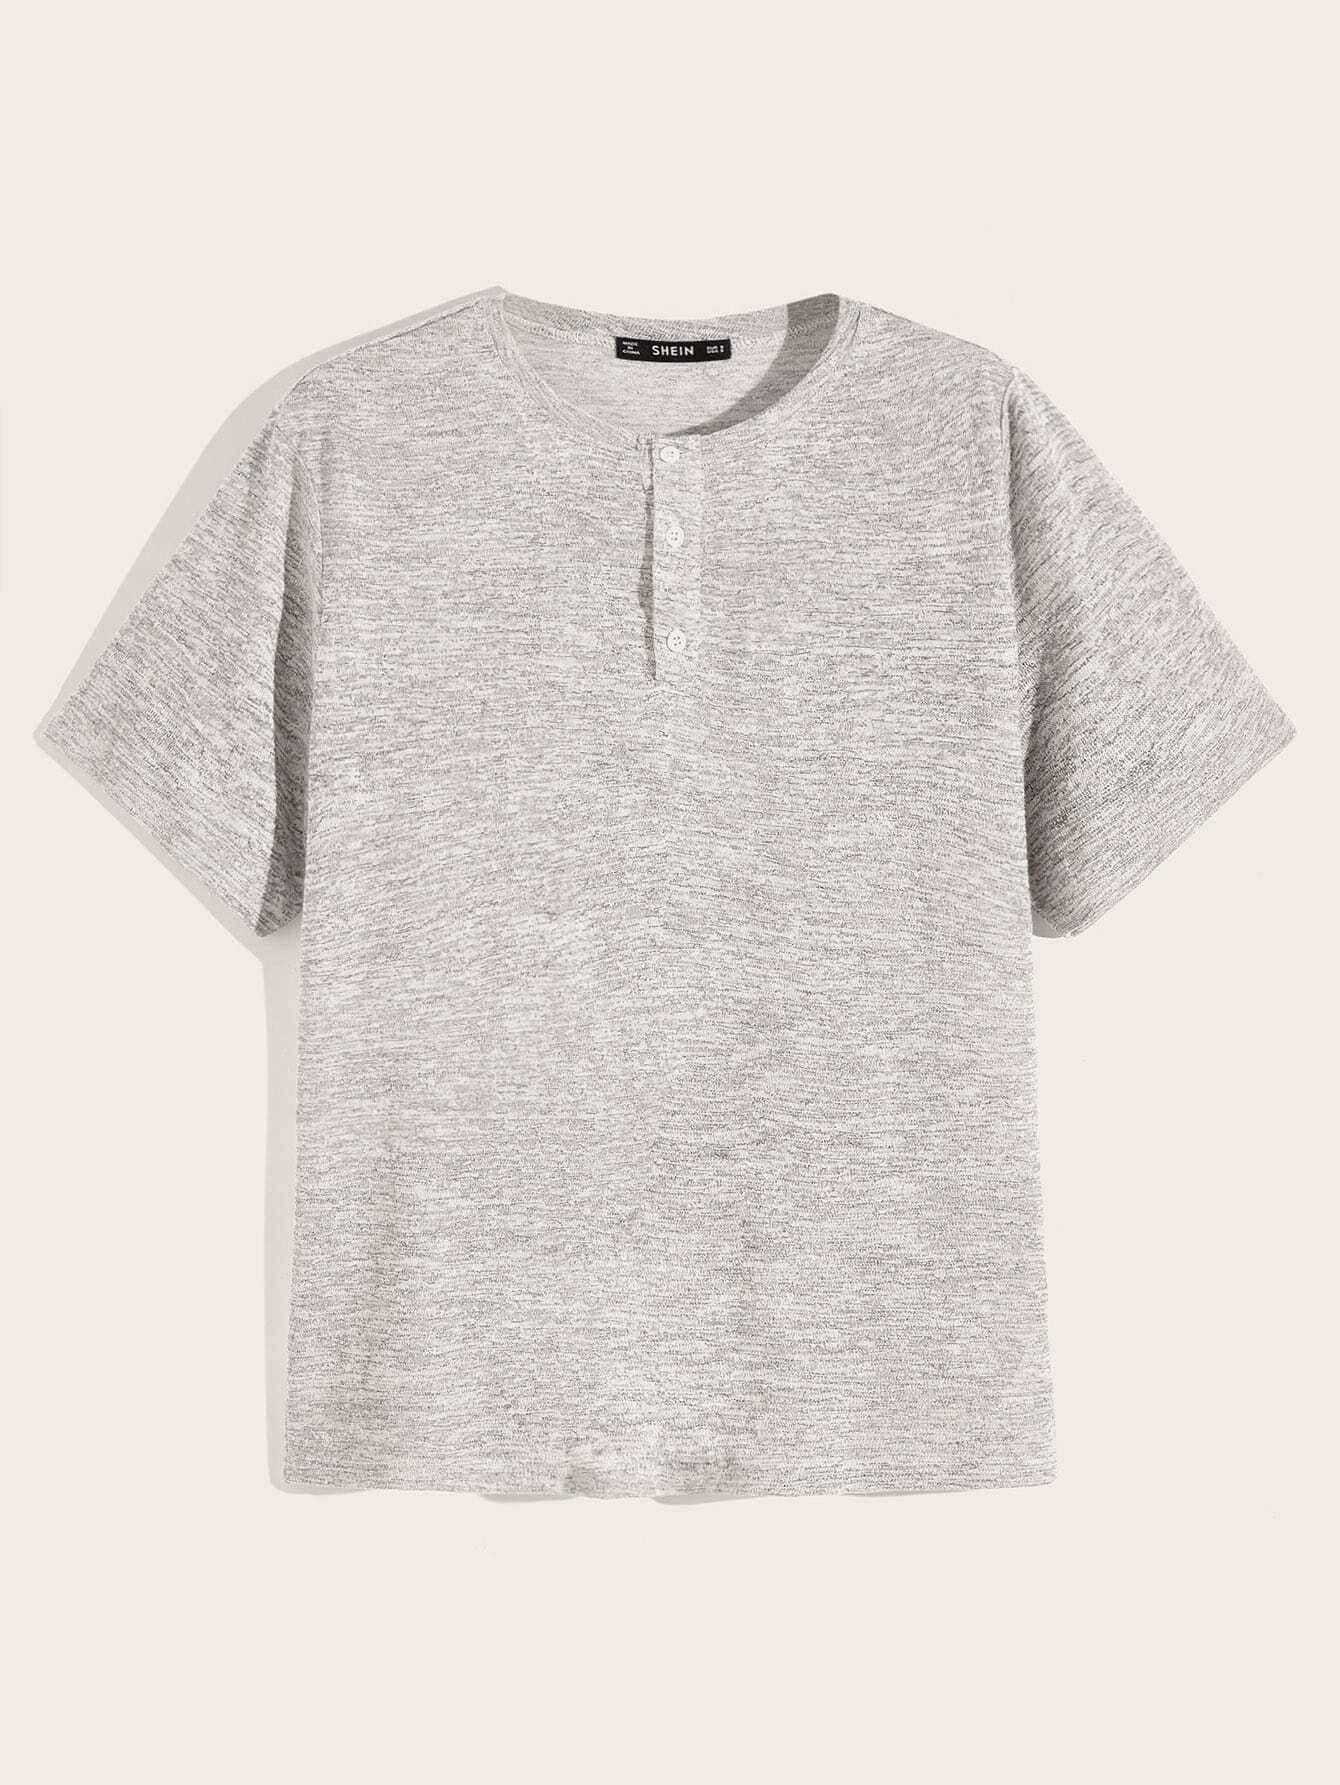 Фото - Мужская футболка с пуговицами от SheIn серого цвета